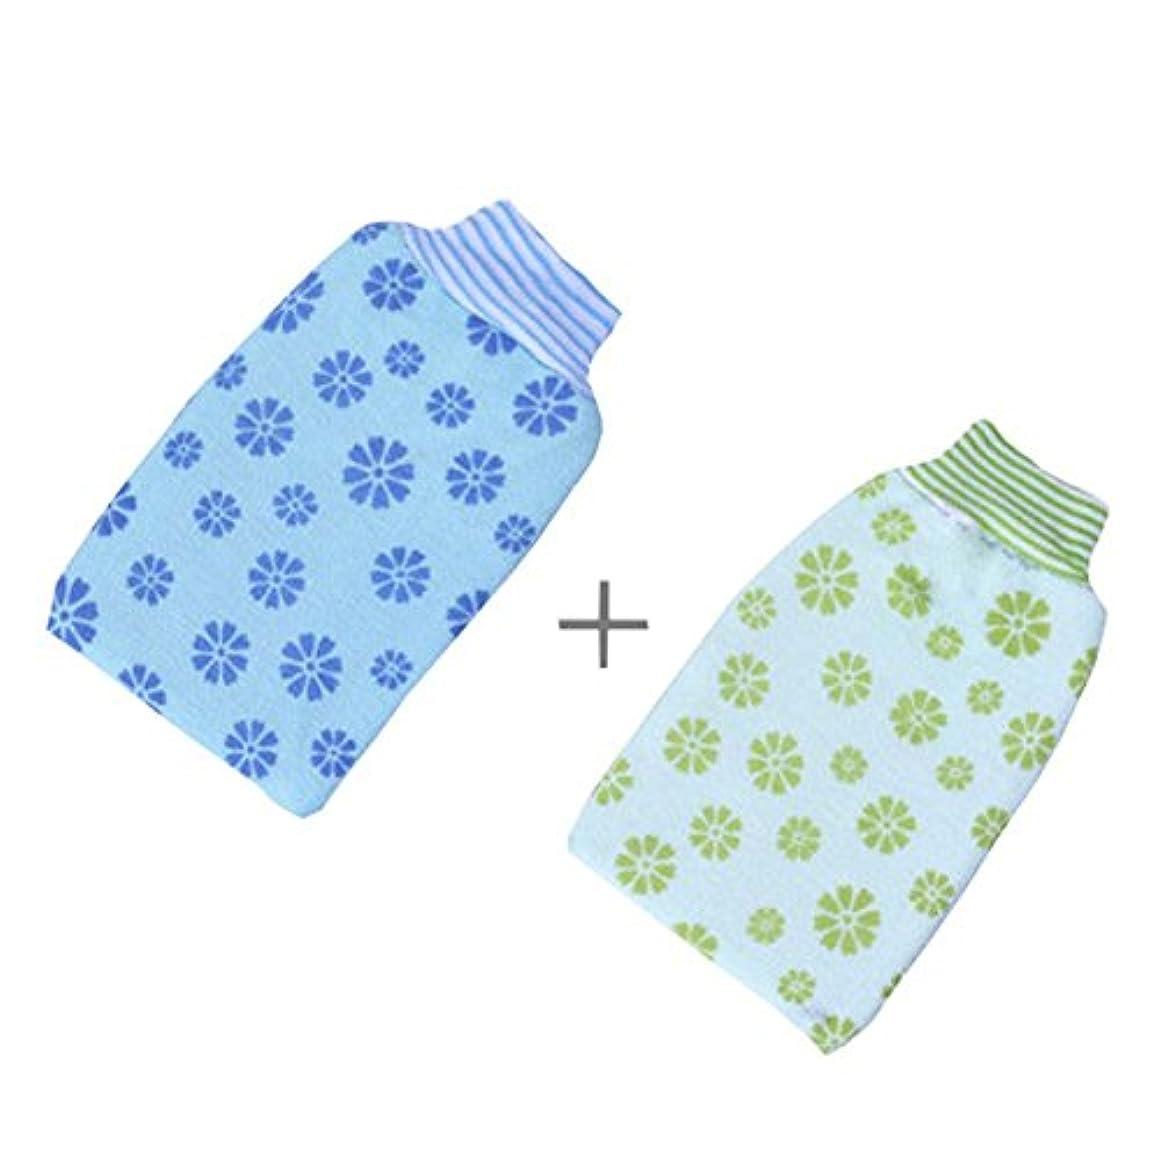 面白いコンパニオンブラザーバスタオル大人用厚めの両面擦り手袋、印刷